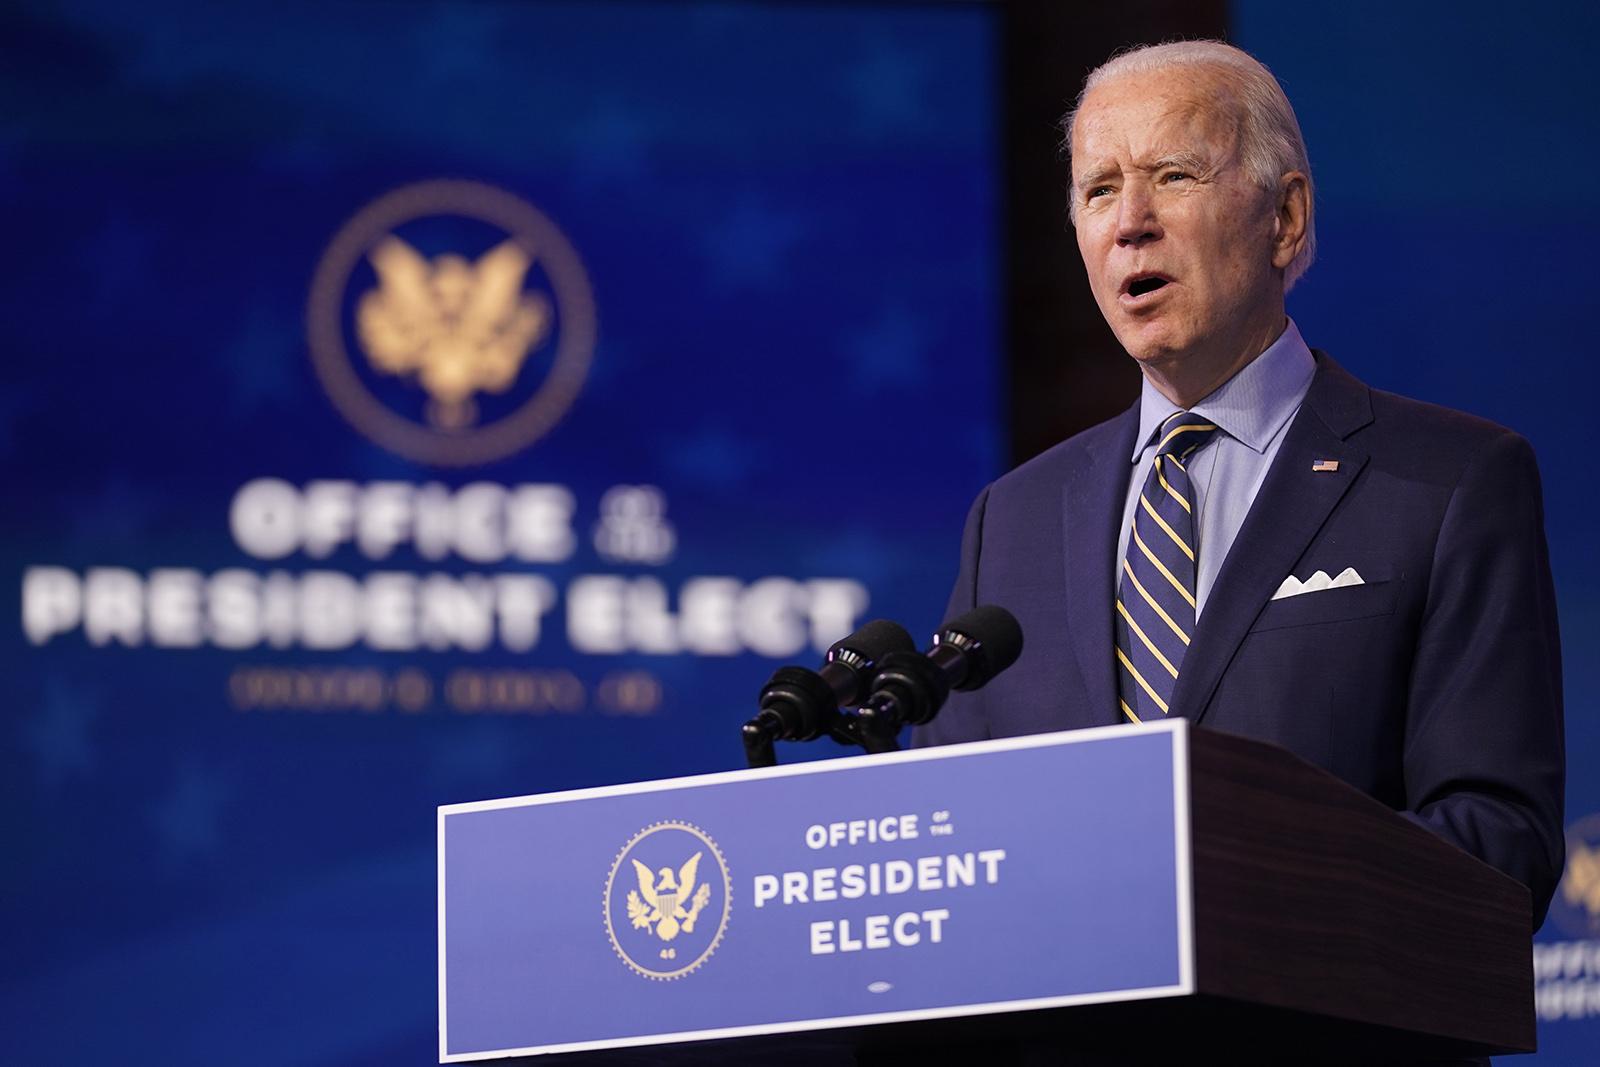 President-elect Joe Biden speaks at The Queen theater on Monday, December 28, in Wilmington, Delaware.